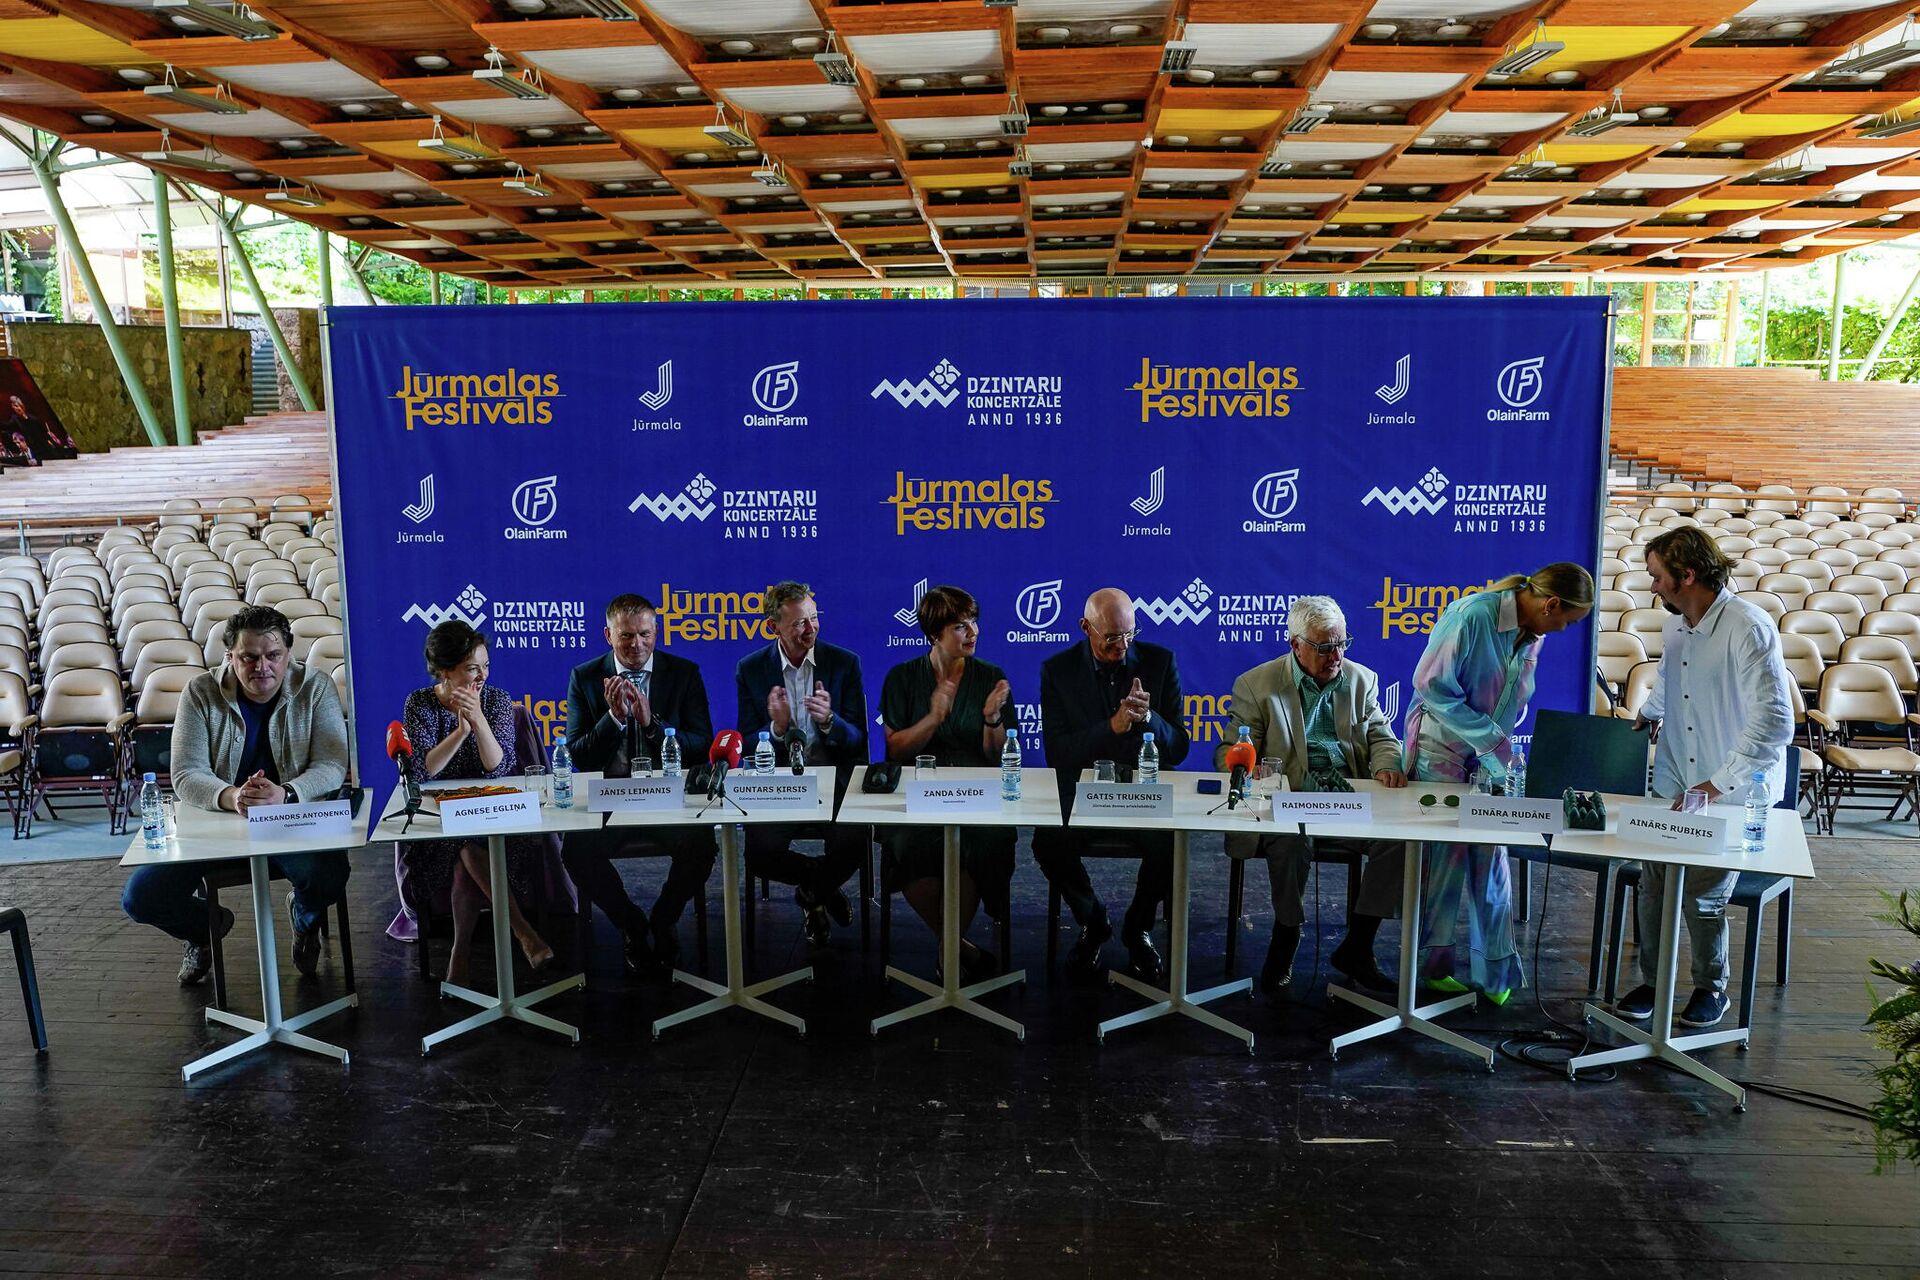 В пресс-конференции  приняло участие руководство концертного зала Дзинтари и Юрмальской думы. - Sputnik Латвия, 1920, 24.07.2021